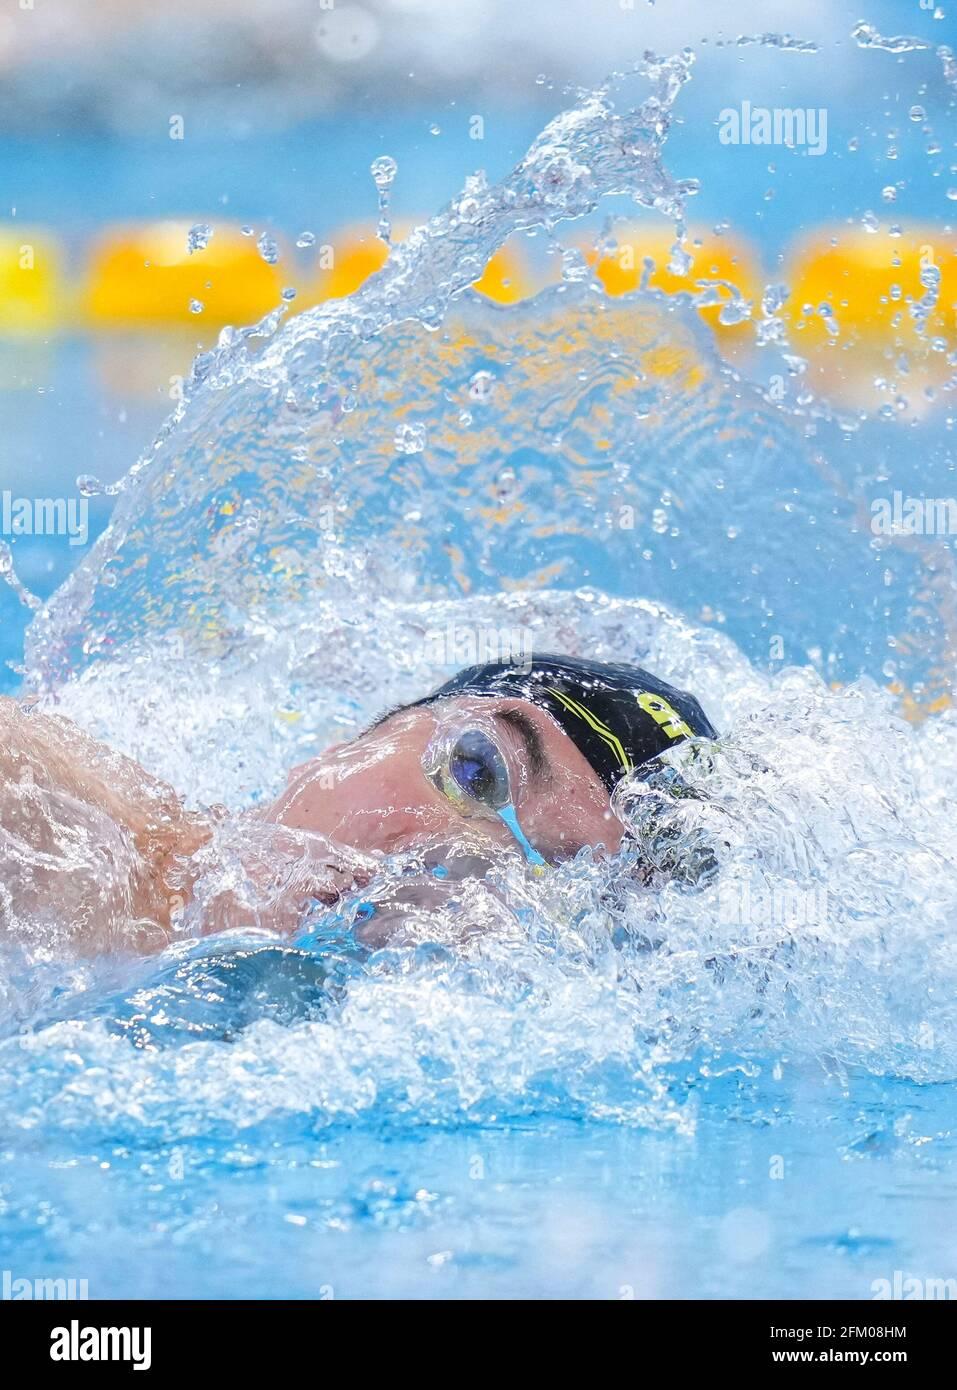 Qingdao, Chine. 5 mai 2021. Cheng long de Shandong participe à la finale libre de 800 m masculin aux Championnats nationaux chinois de natation 2021 à Qingdao, en Chine orientale, le 5 mai 2021. Credit: Xu Chang/Xinhua/Alay Live News Banque D'Images